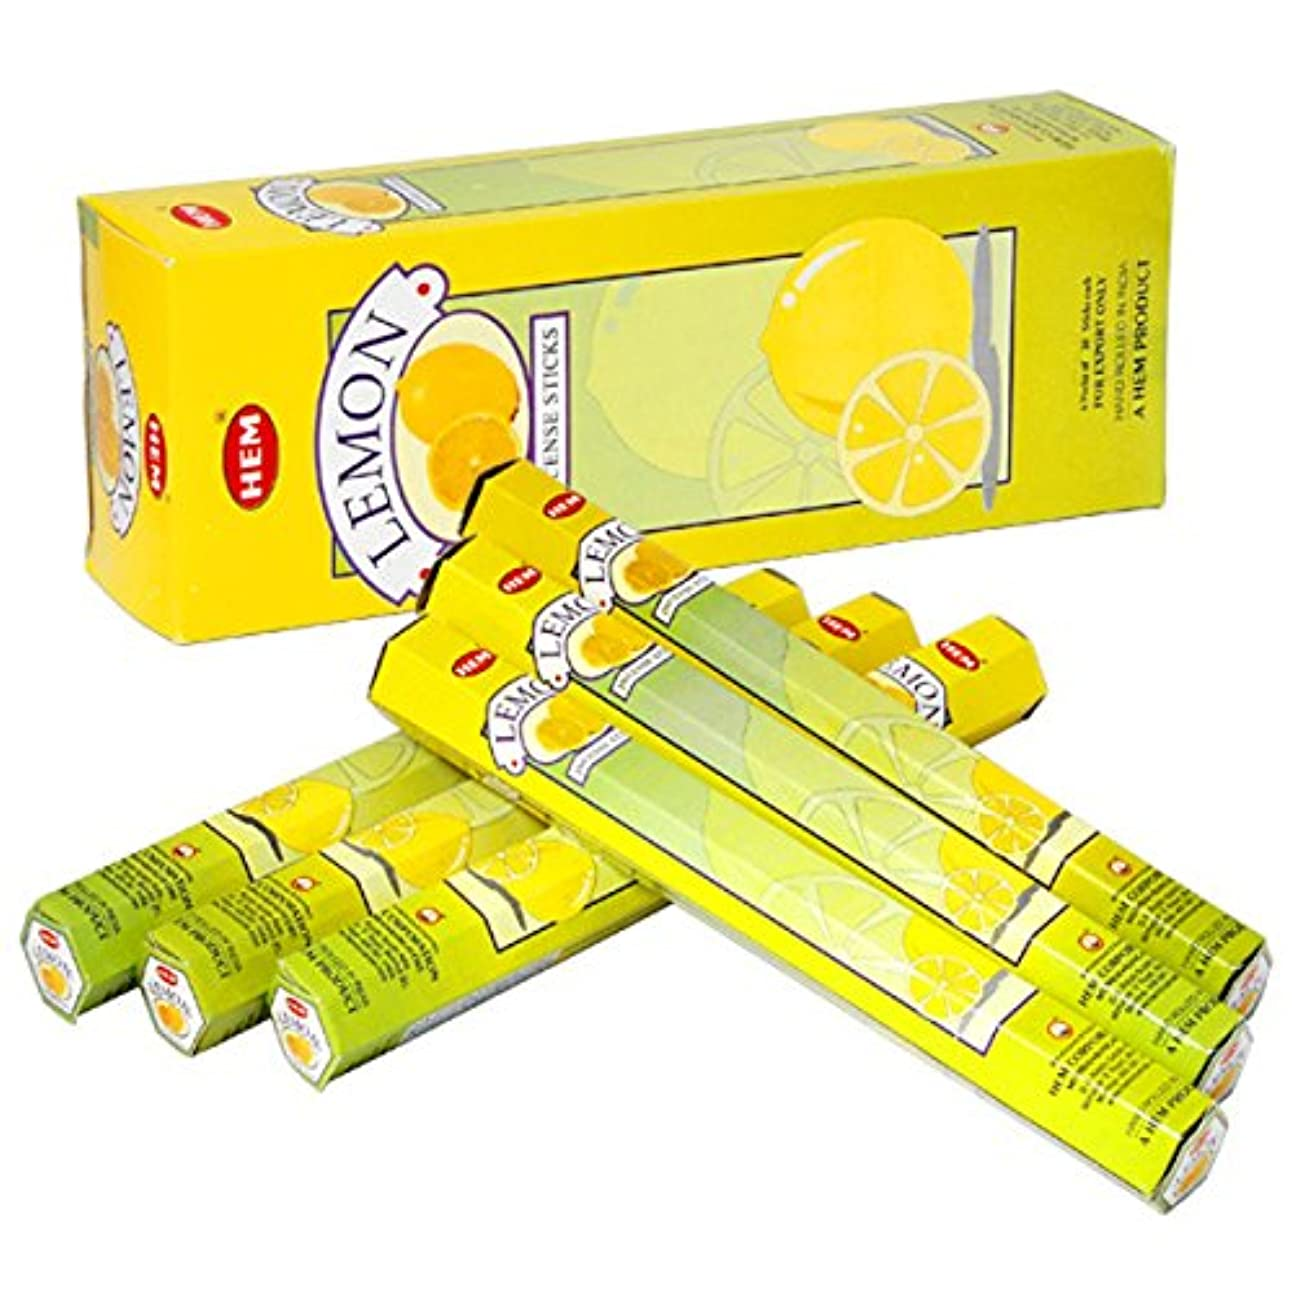 イブニング勇気のある再生可能HEM(ヘム) レモン LEMON スティックタイプ お香 6筒 セット [並行輸入品]